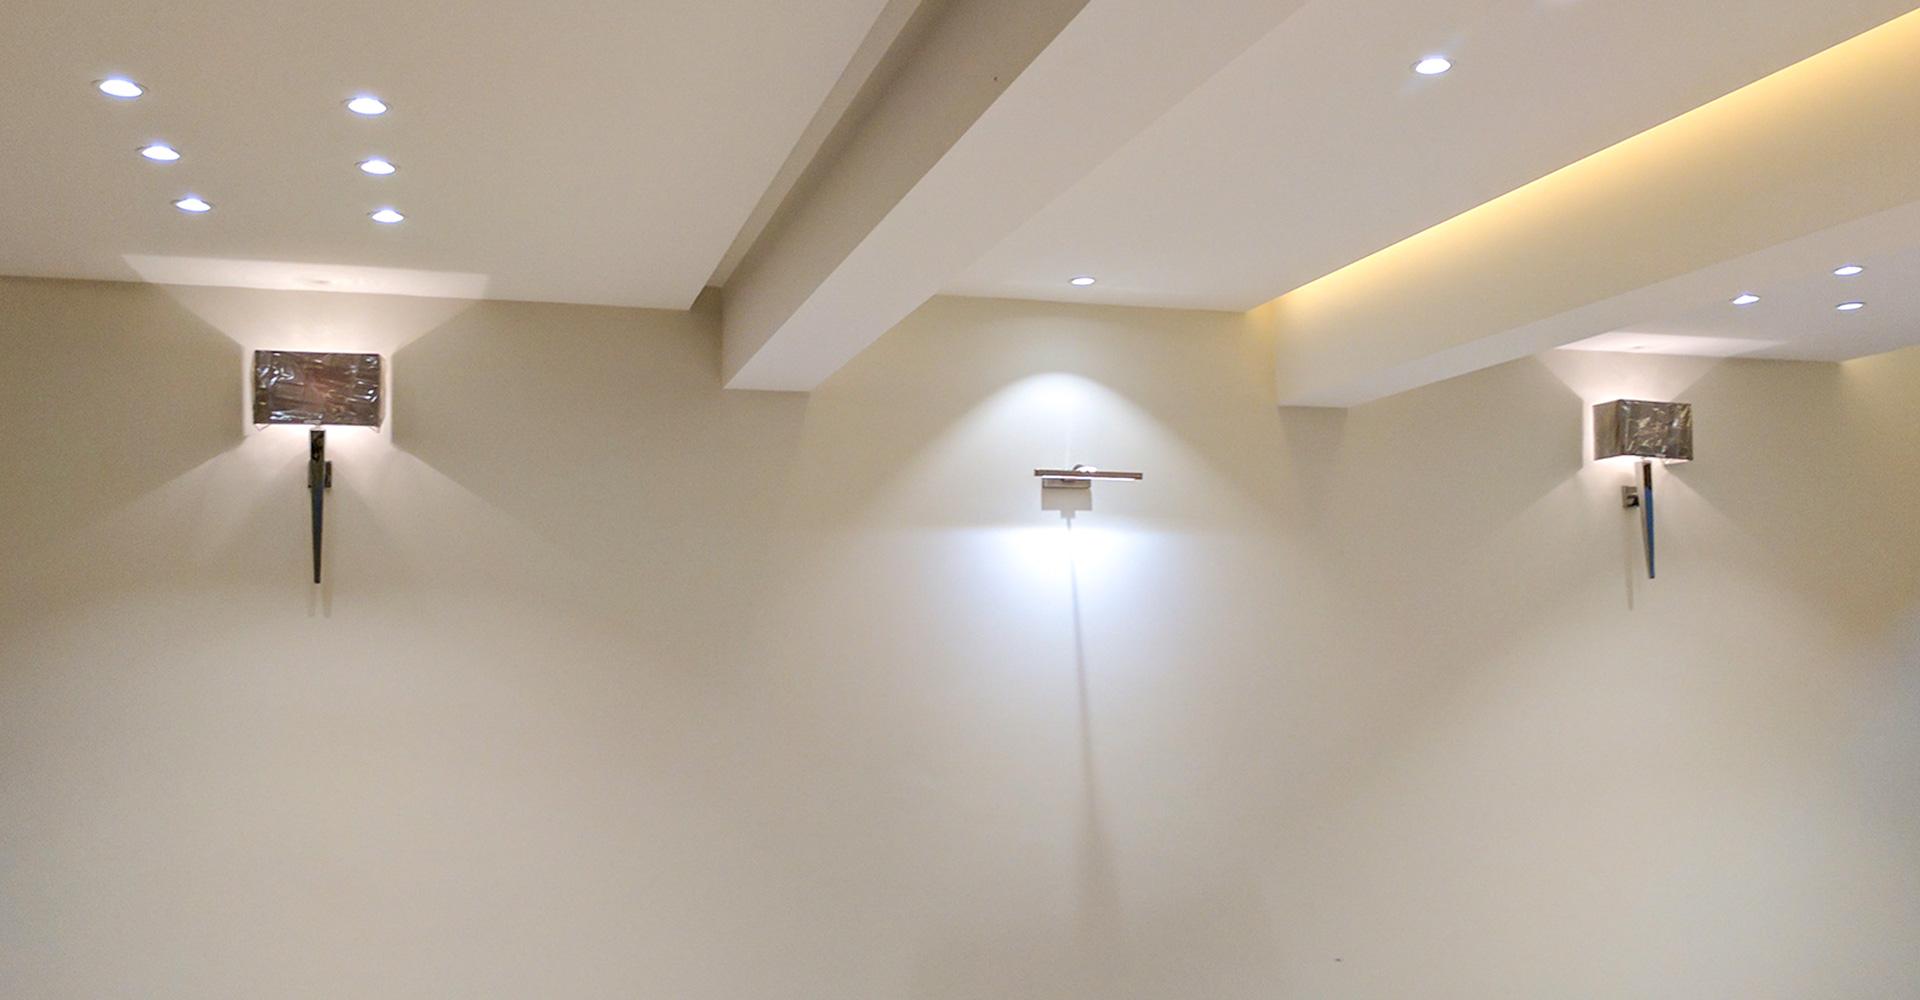 Residential-Interior-Design-Hiline-Lahore-portfolio-65J-DHA-EME-05 (20)